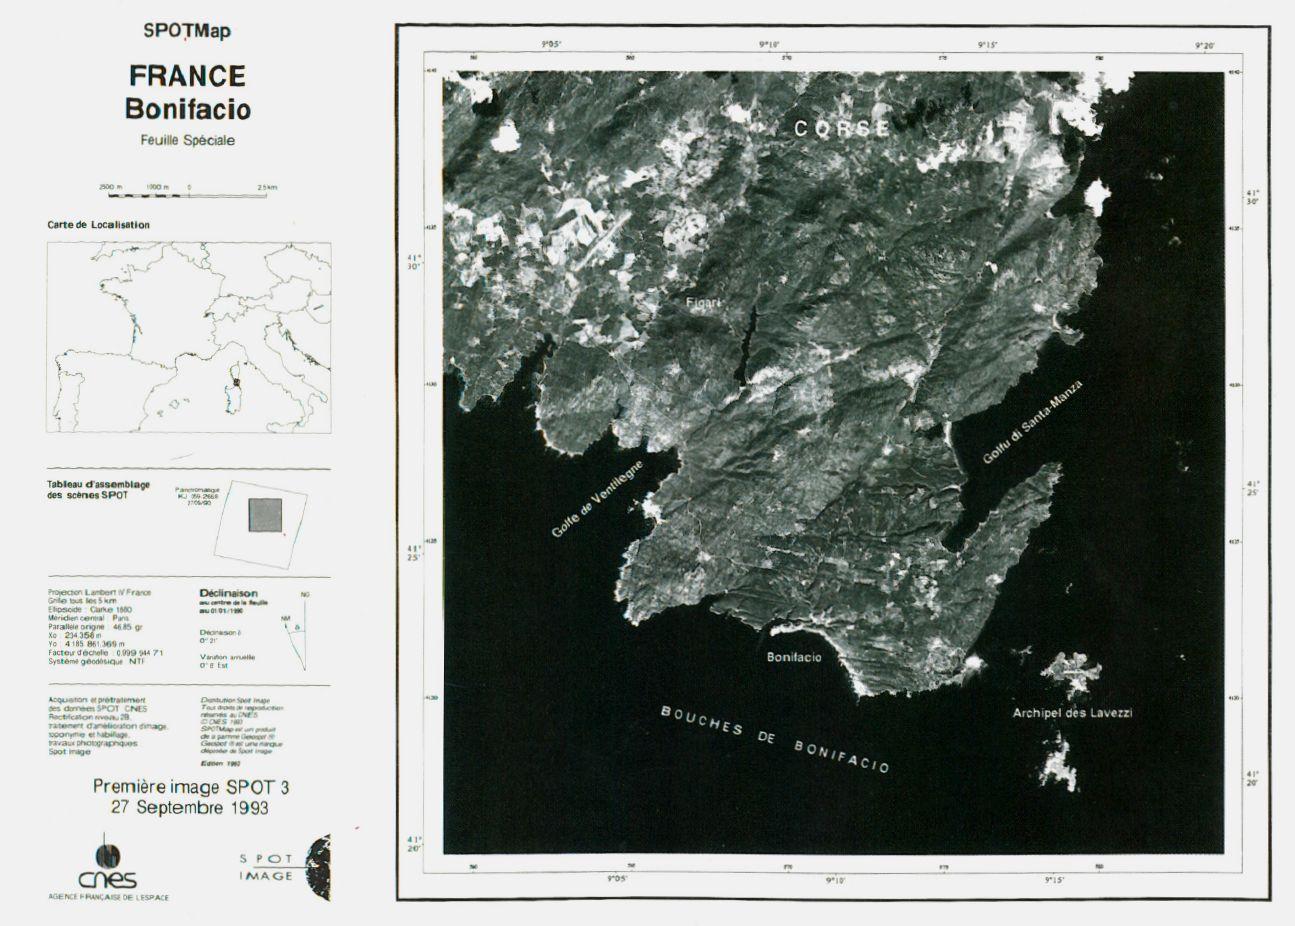 Lancement SPOT-3 - Première image SPOT-3 - Corse - Bonifacio - Iles Lavezzi - 27 septembre 1993